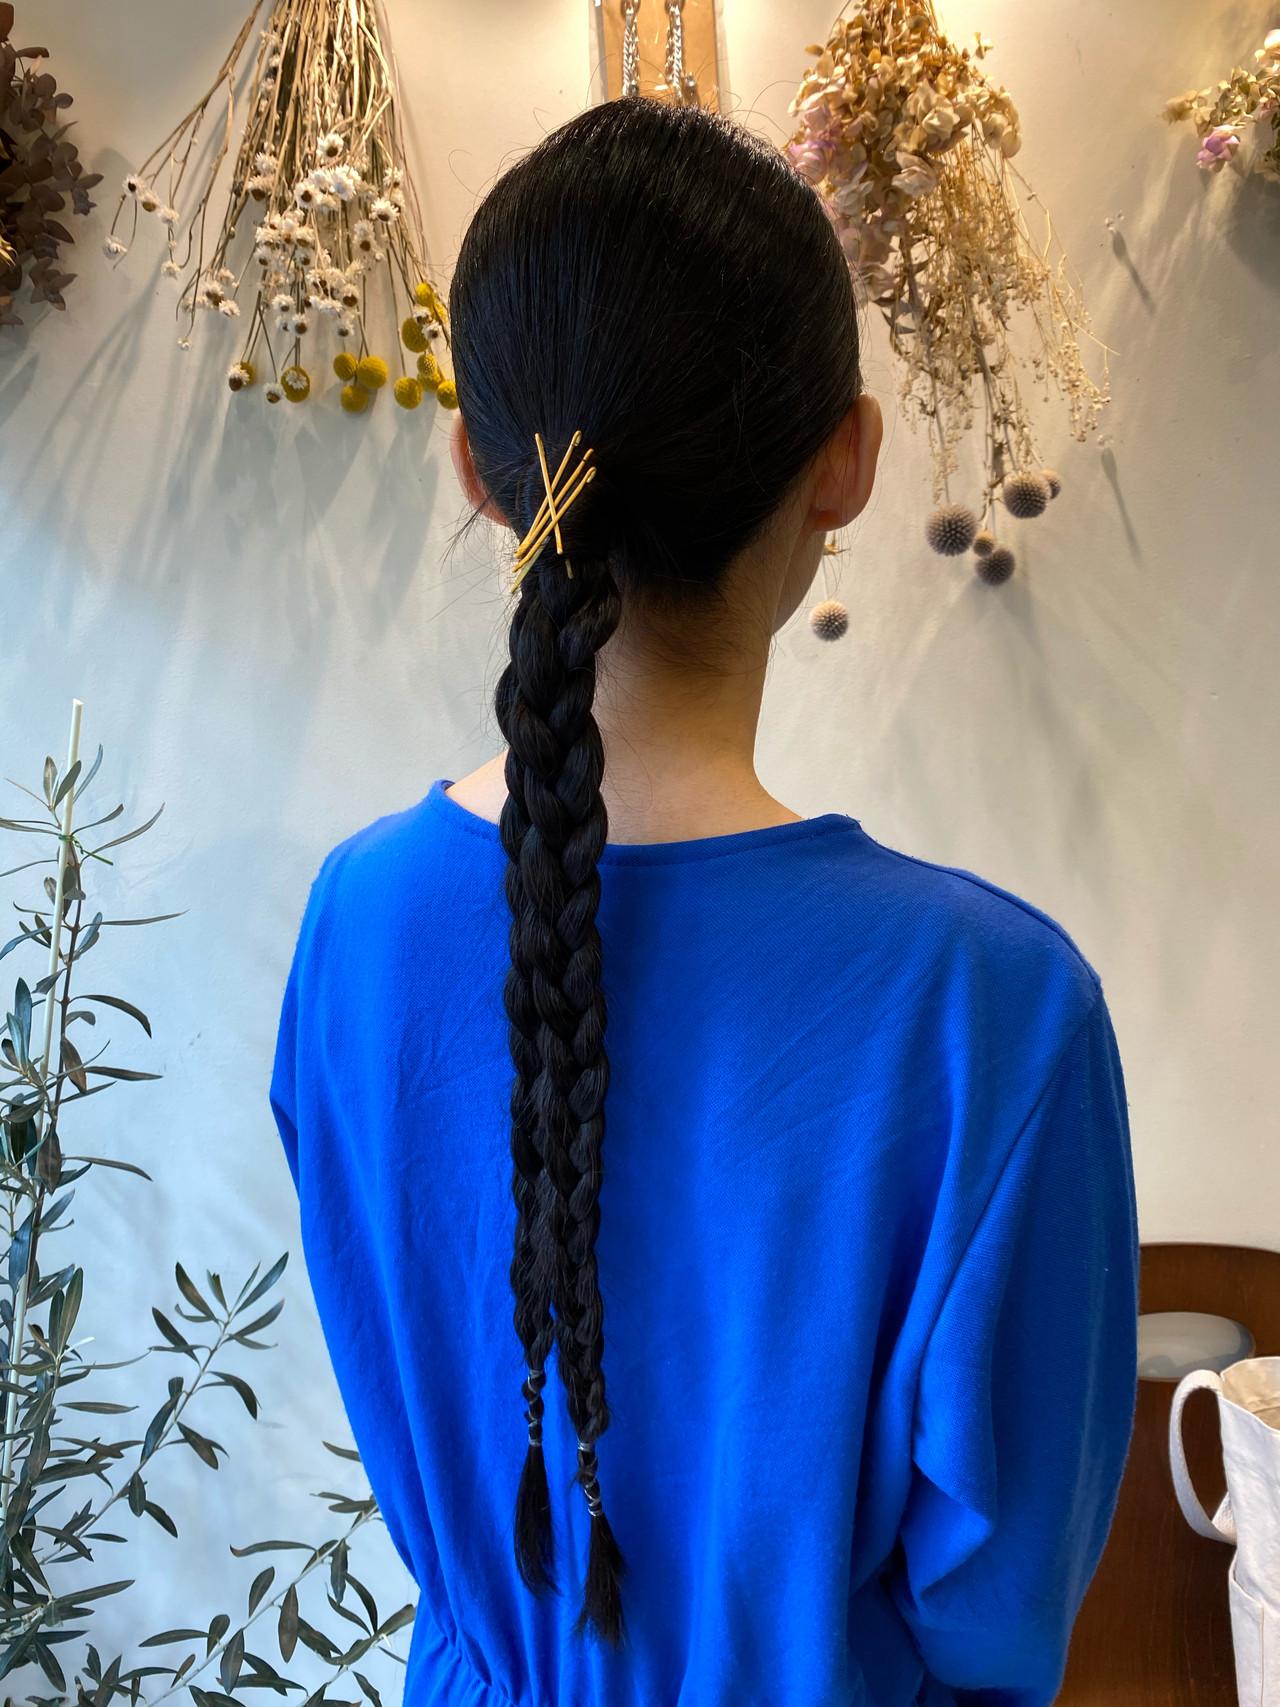 ナチュラル 大人可愛い ヘアアレンジ ロング ヘアスタイルや髪型の写真・画像